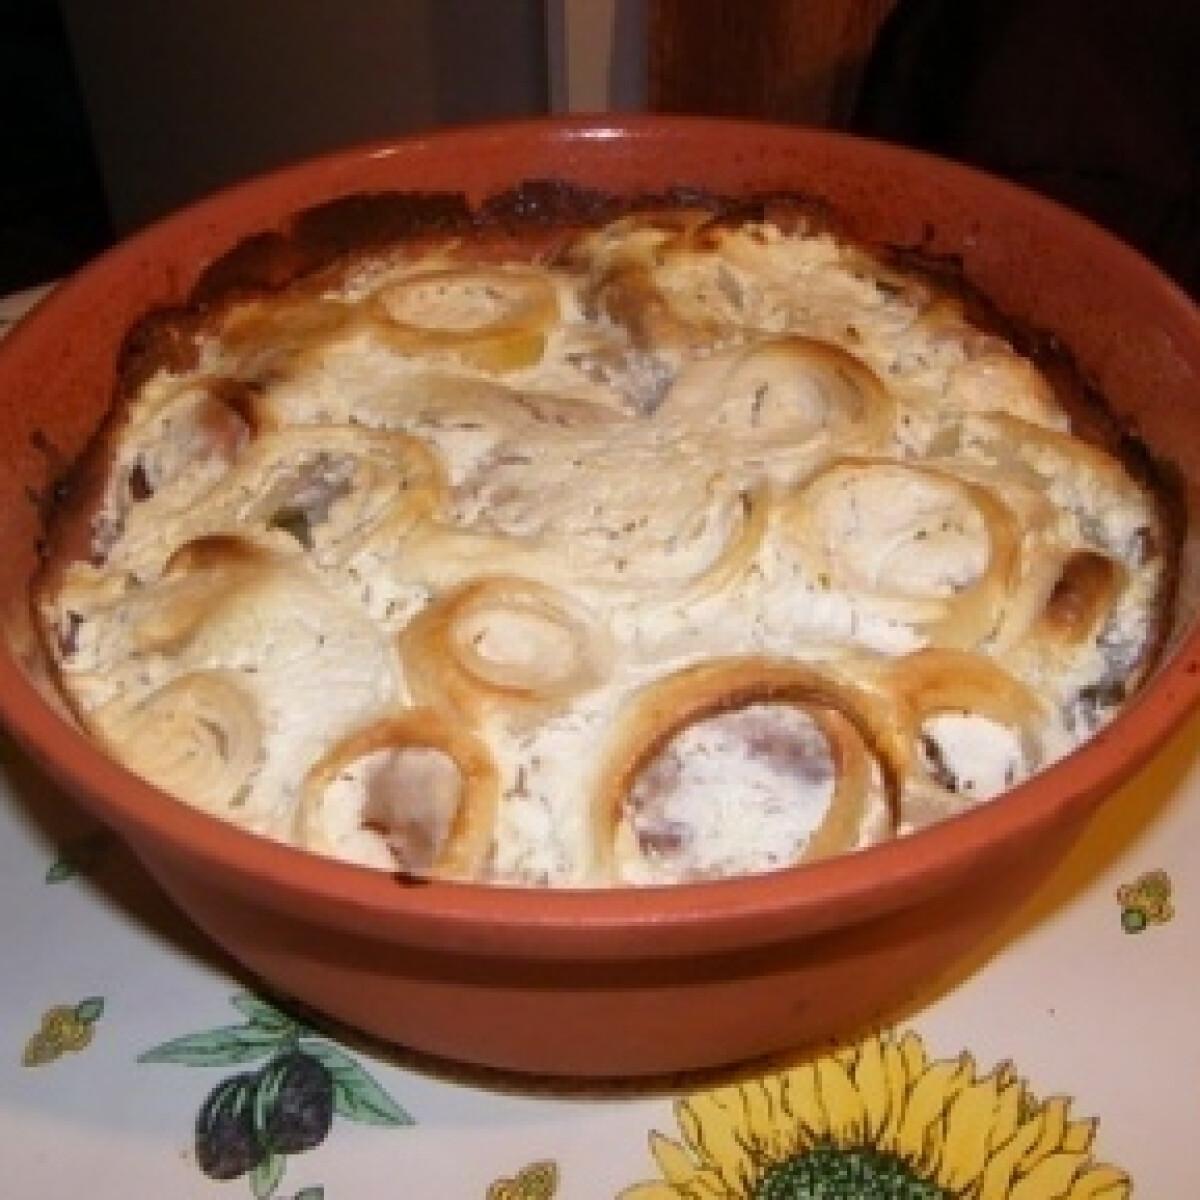 Hagymás-tejfölös sült csülök római tálban